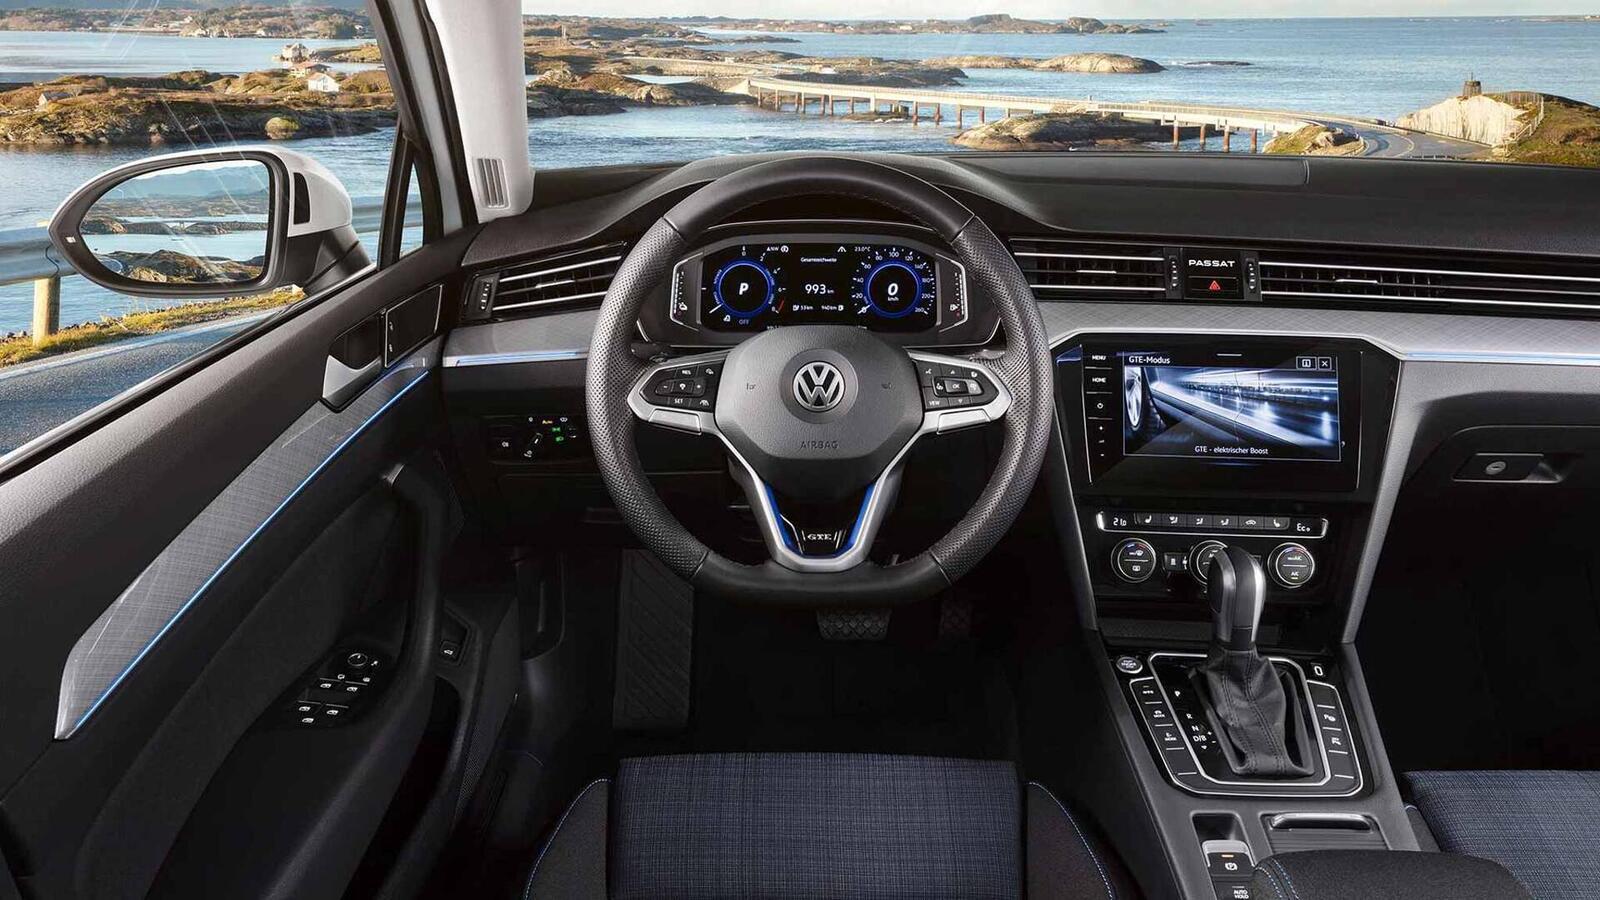 Volkswagen Passat 2020 mới phiên bản châu Âu; thêm đèn LED matrix; tương lai có thể về Việt Nam - Hình 7